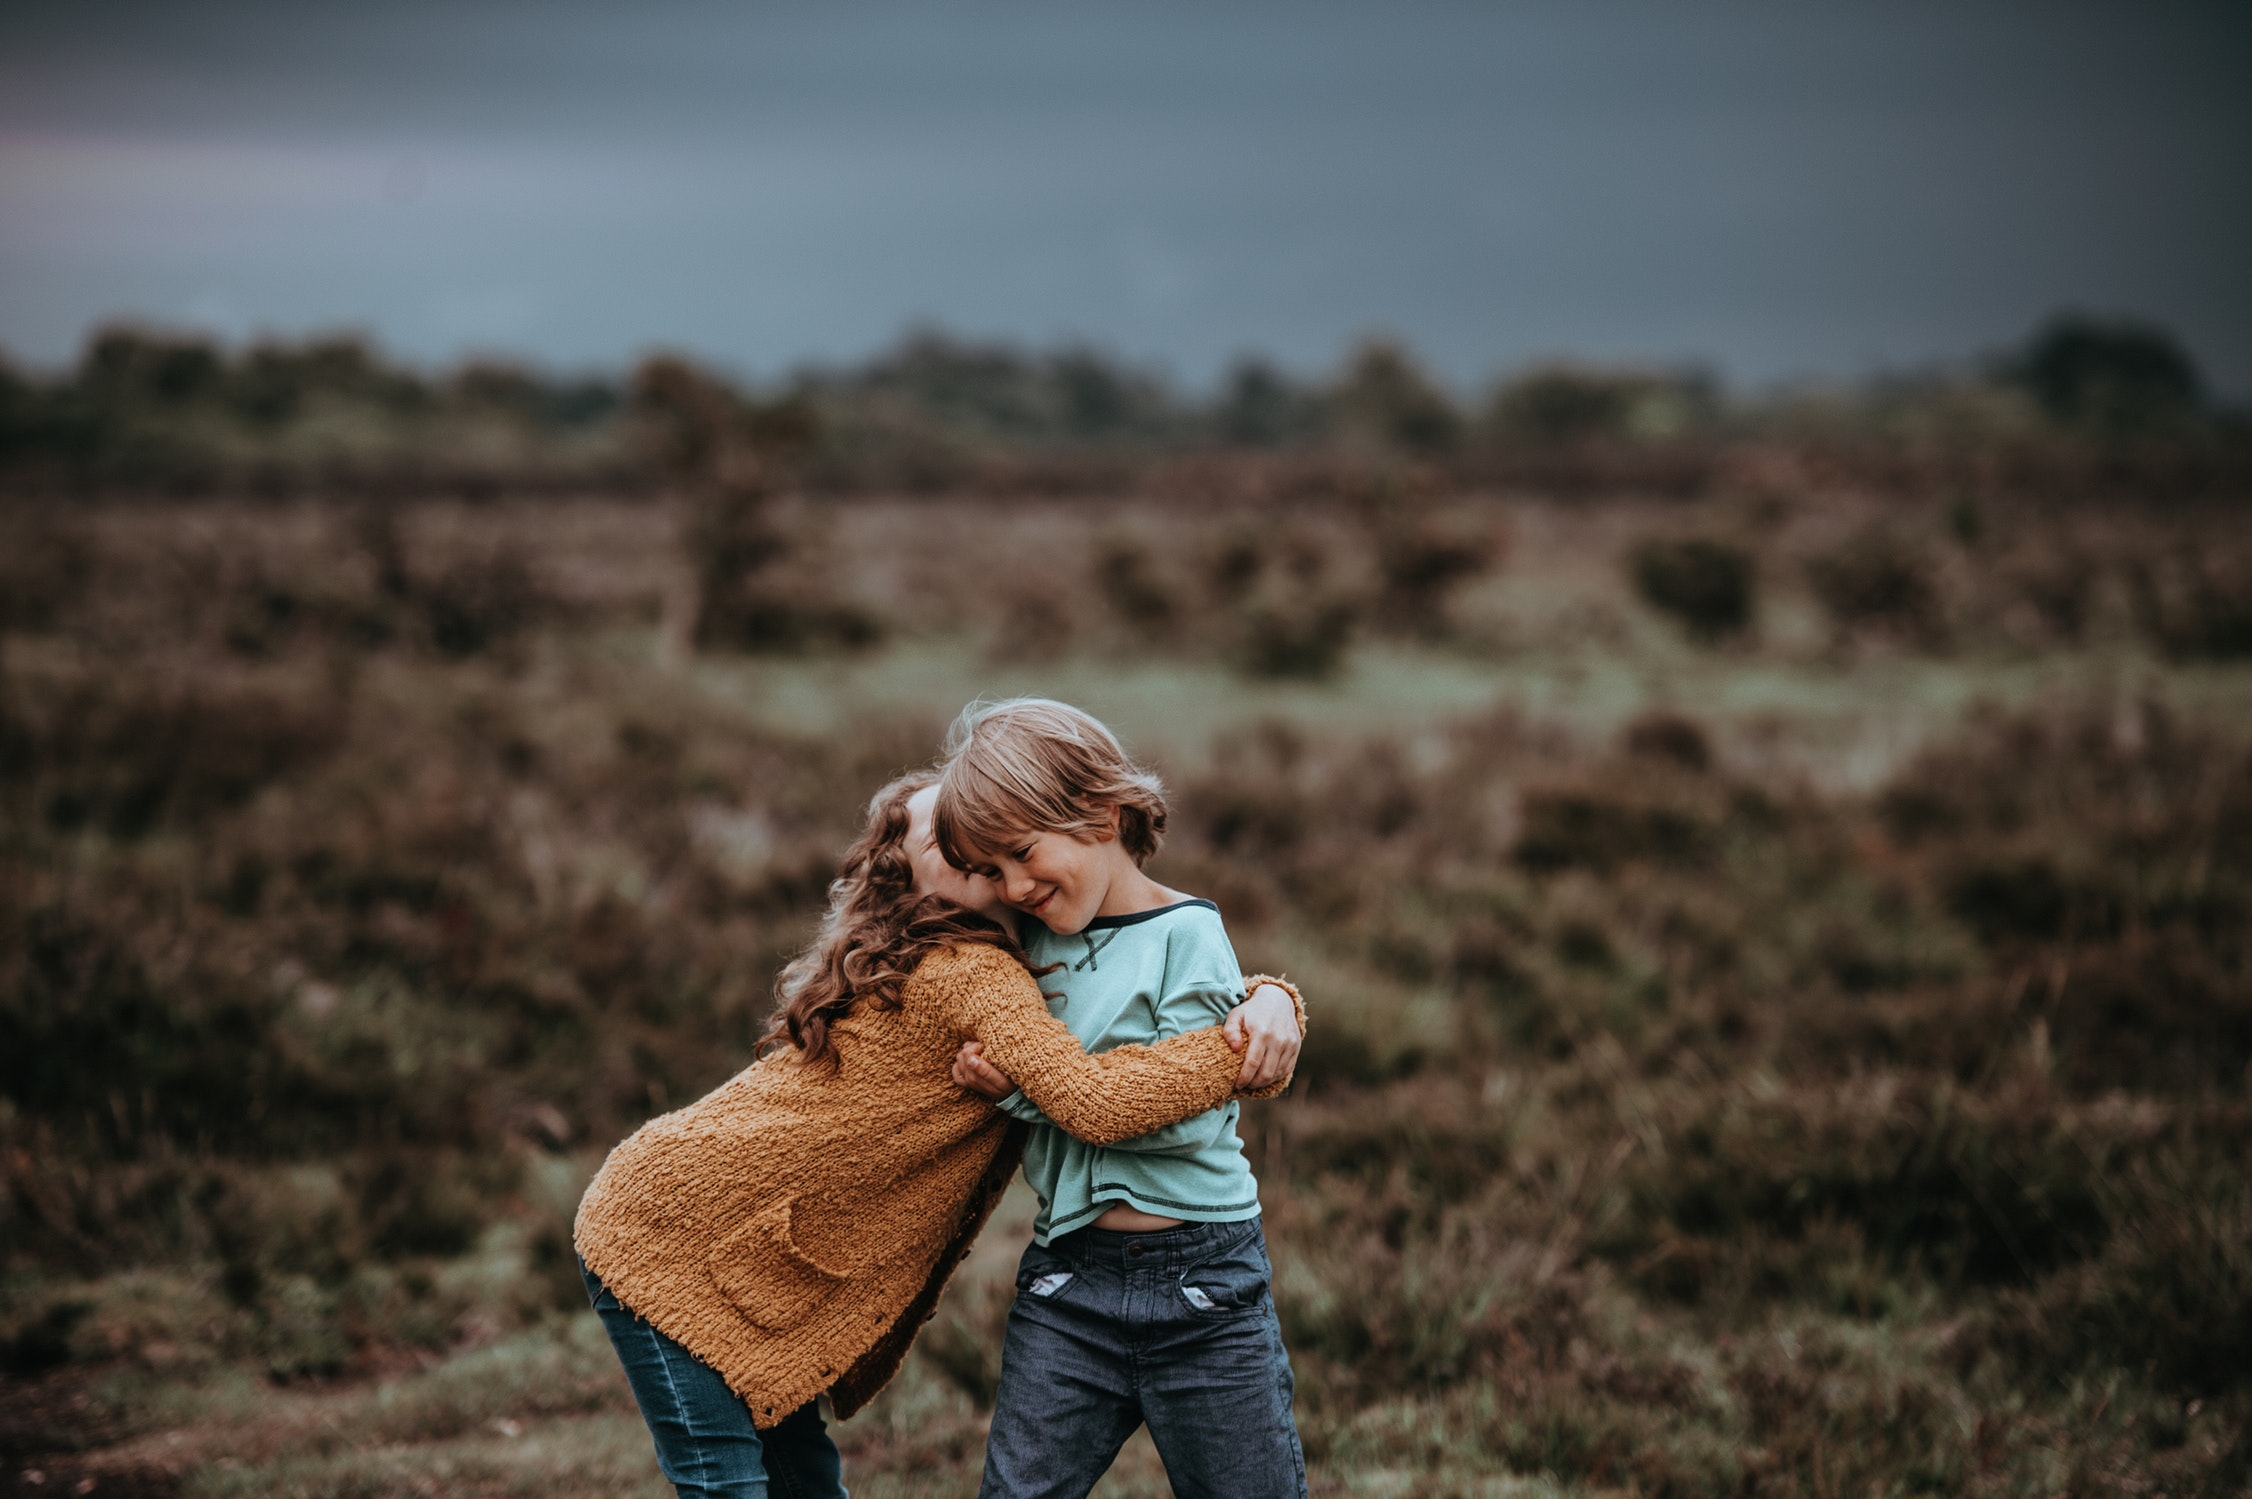 ¿Cómo ayudar a un niño a superar el duelo?